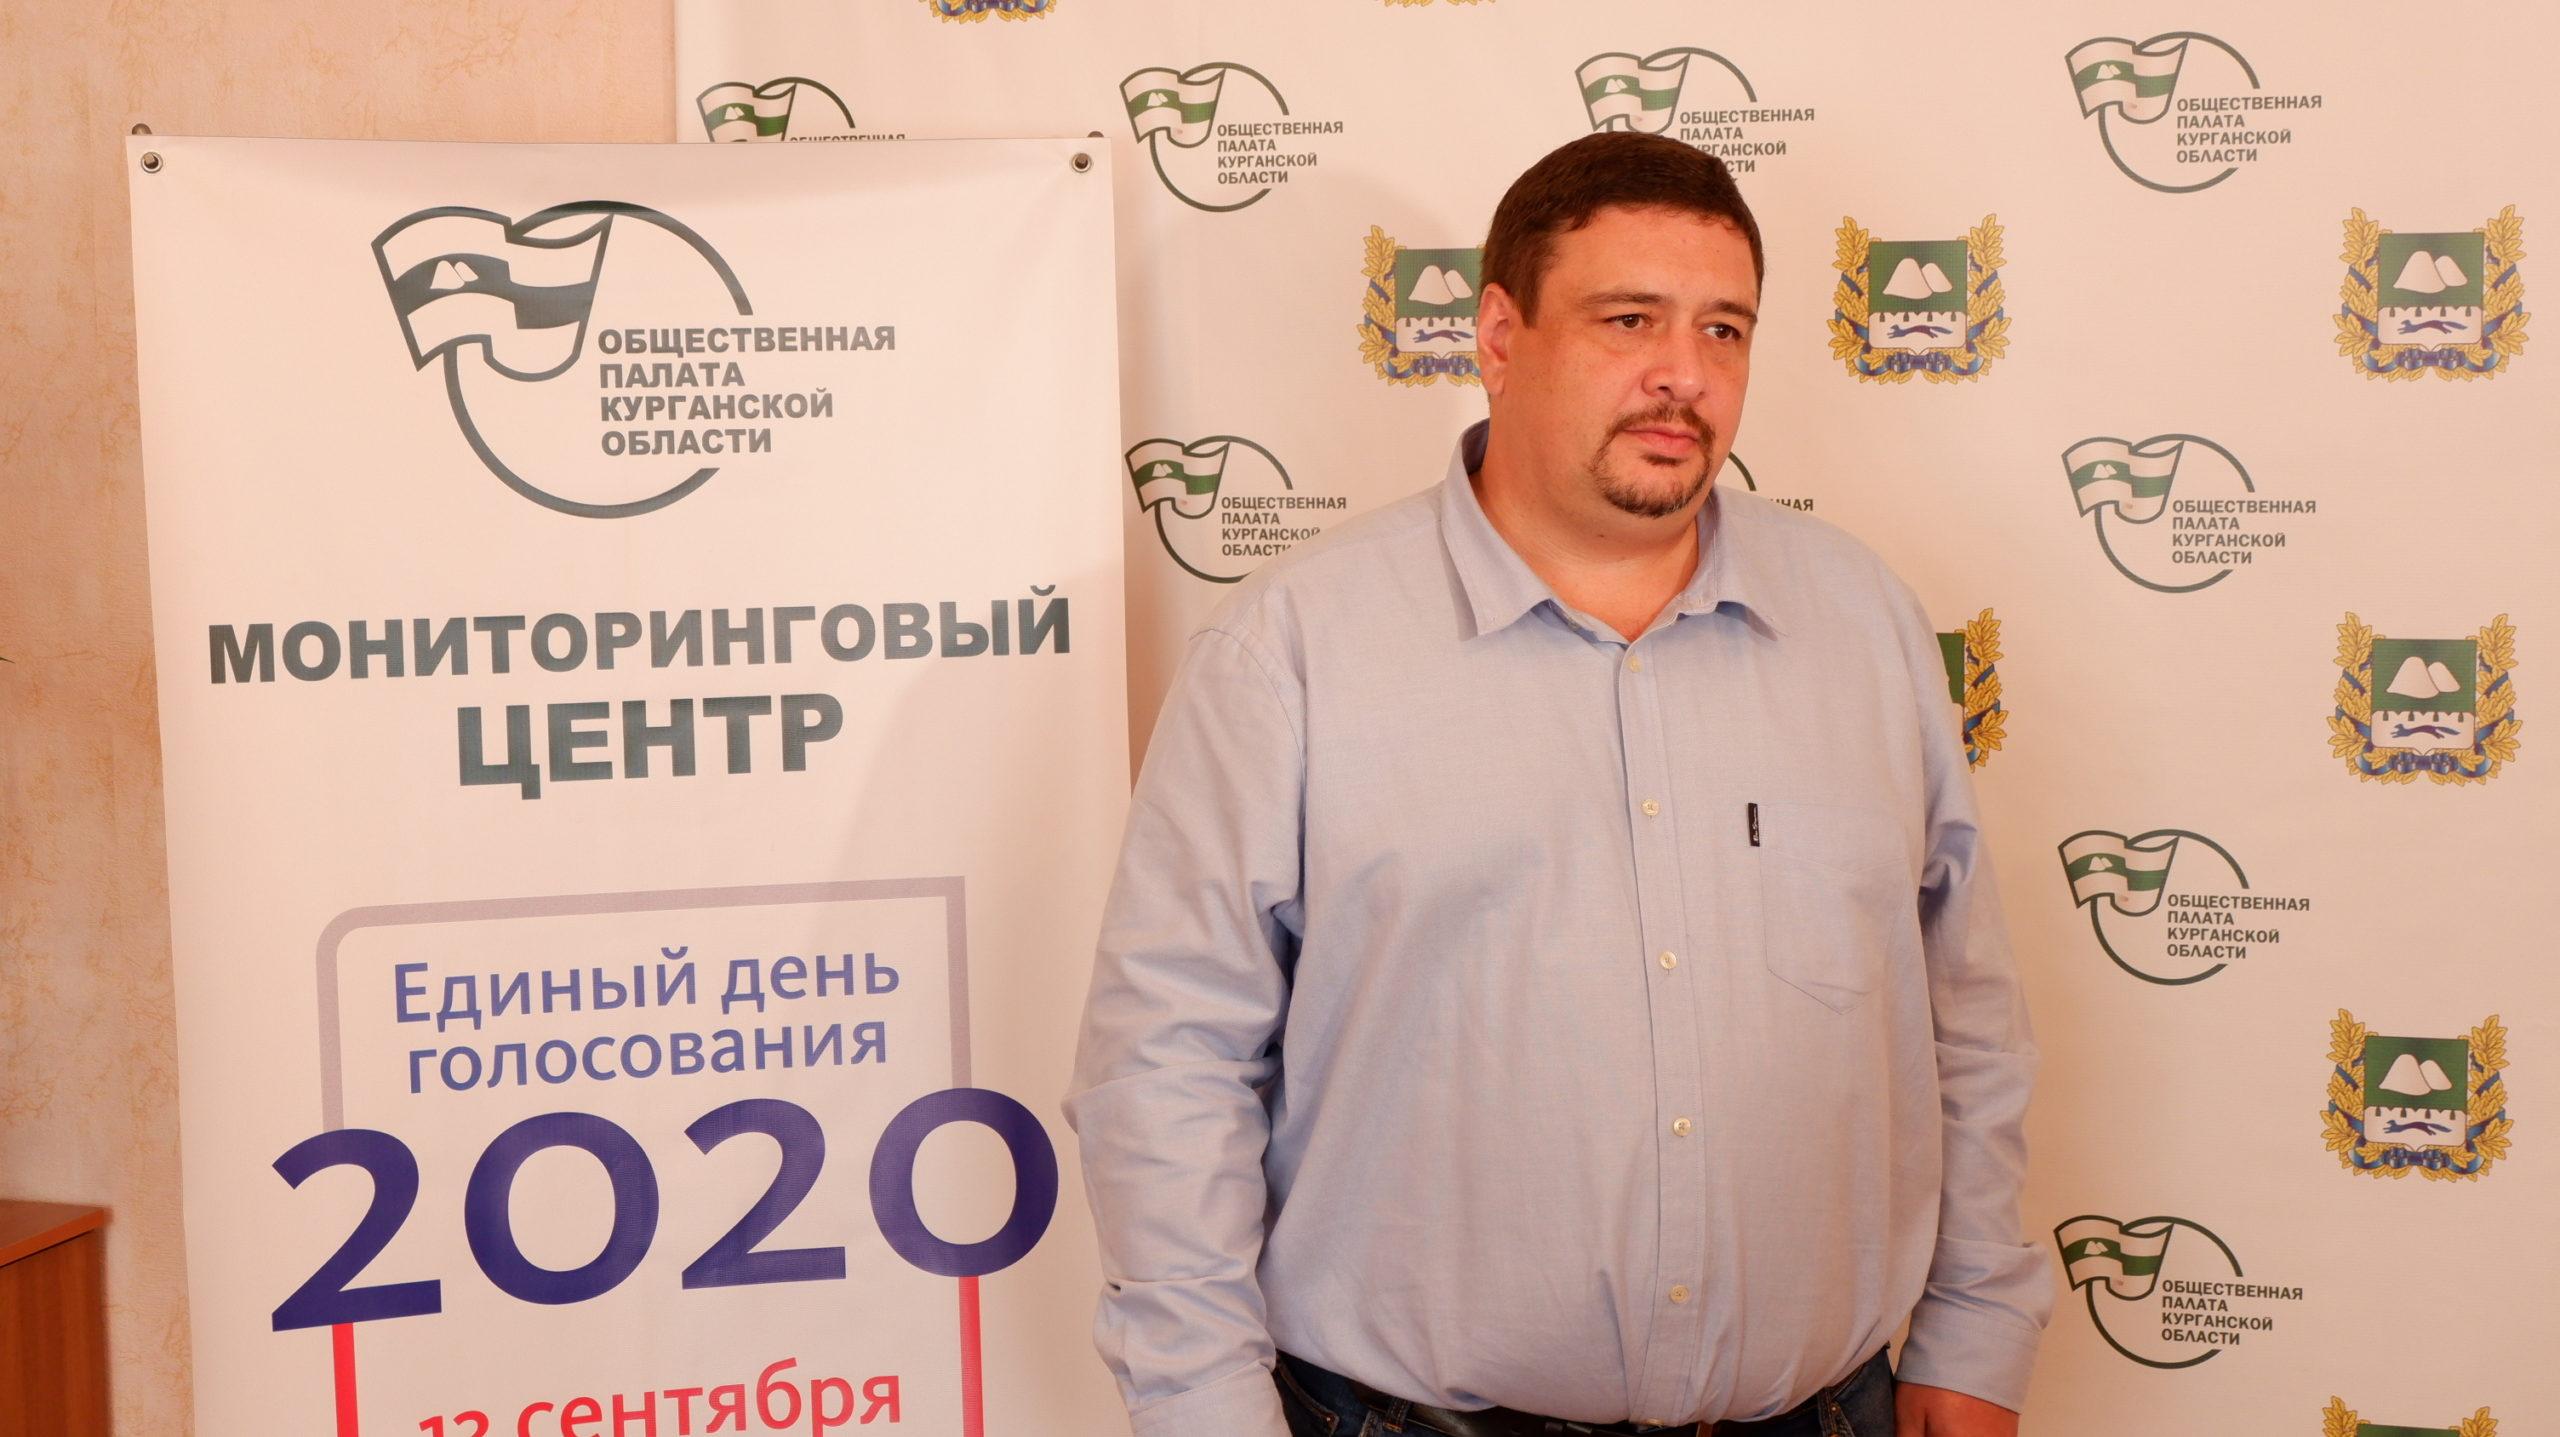 В Общественной палате Курганской области лидеры партий обсудили нарушения и провокации на выборах